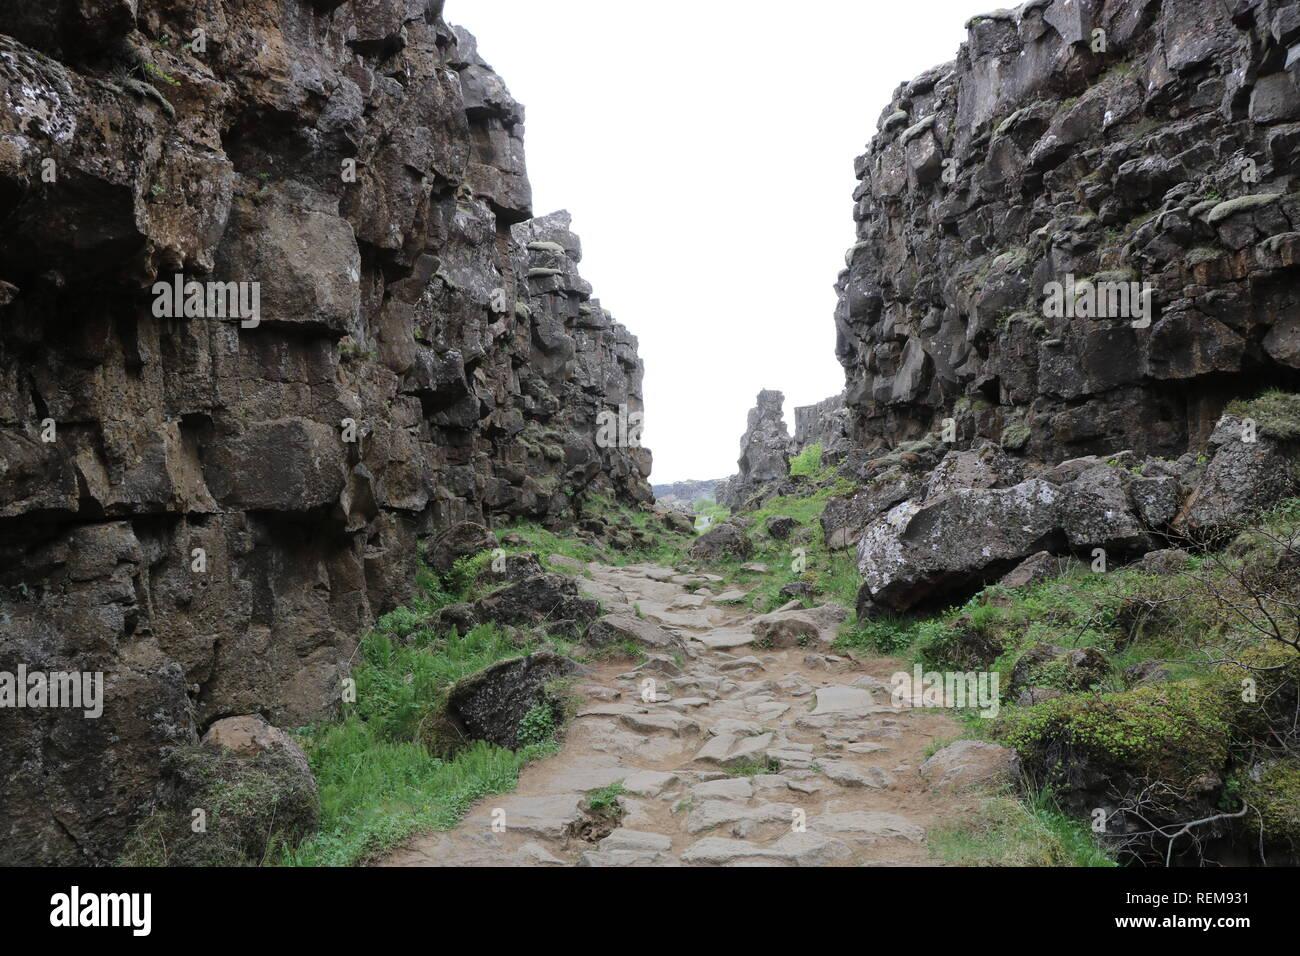 steiniger Weg durch zwei Steinwände hindurch in Thingvellir in Island an dem zwei Erdplatten angrenzen, Iceland Stock Photo